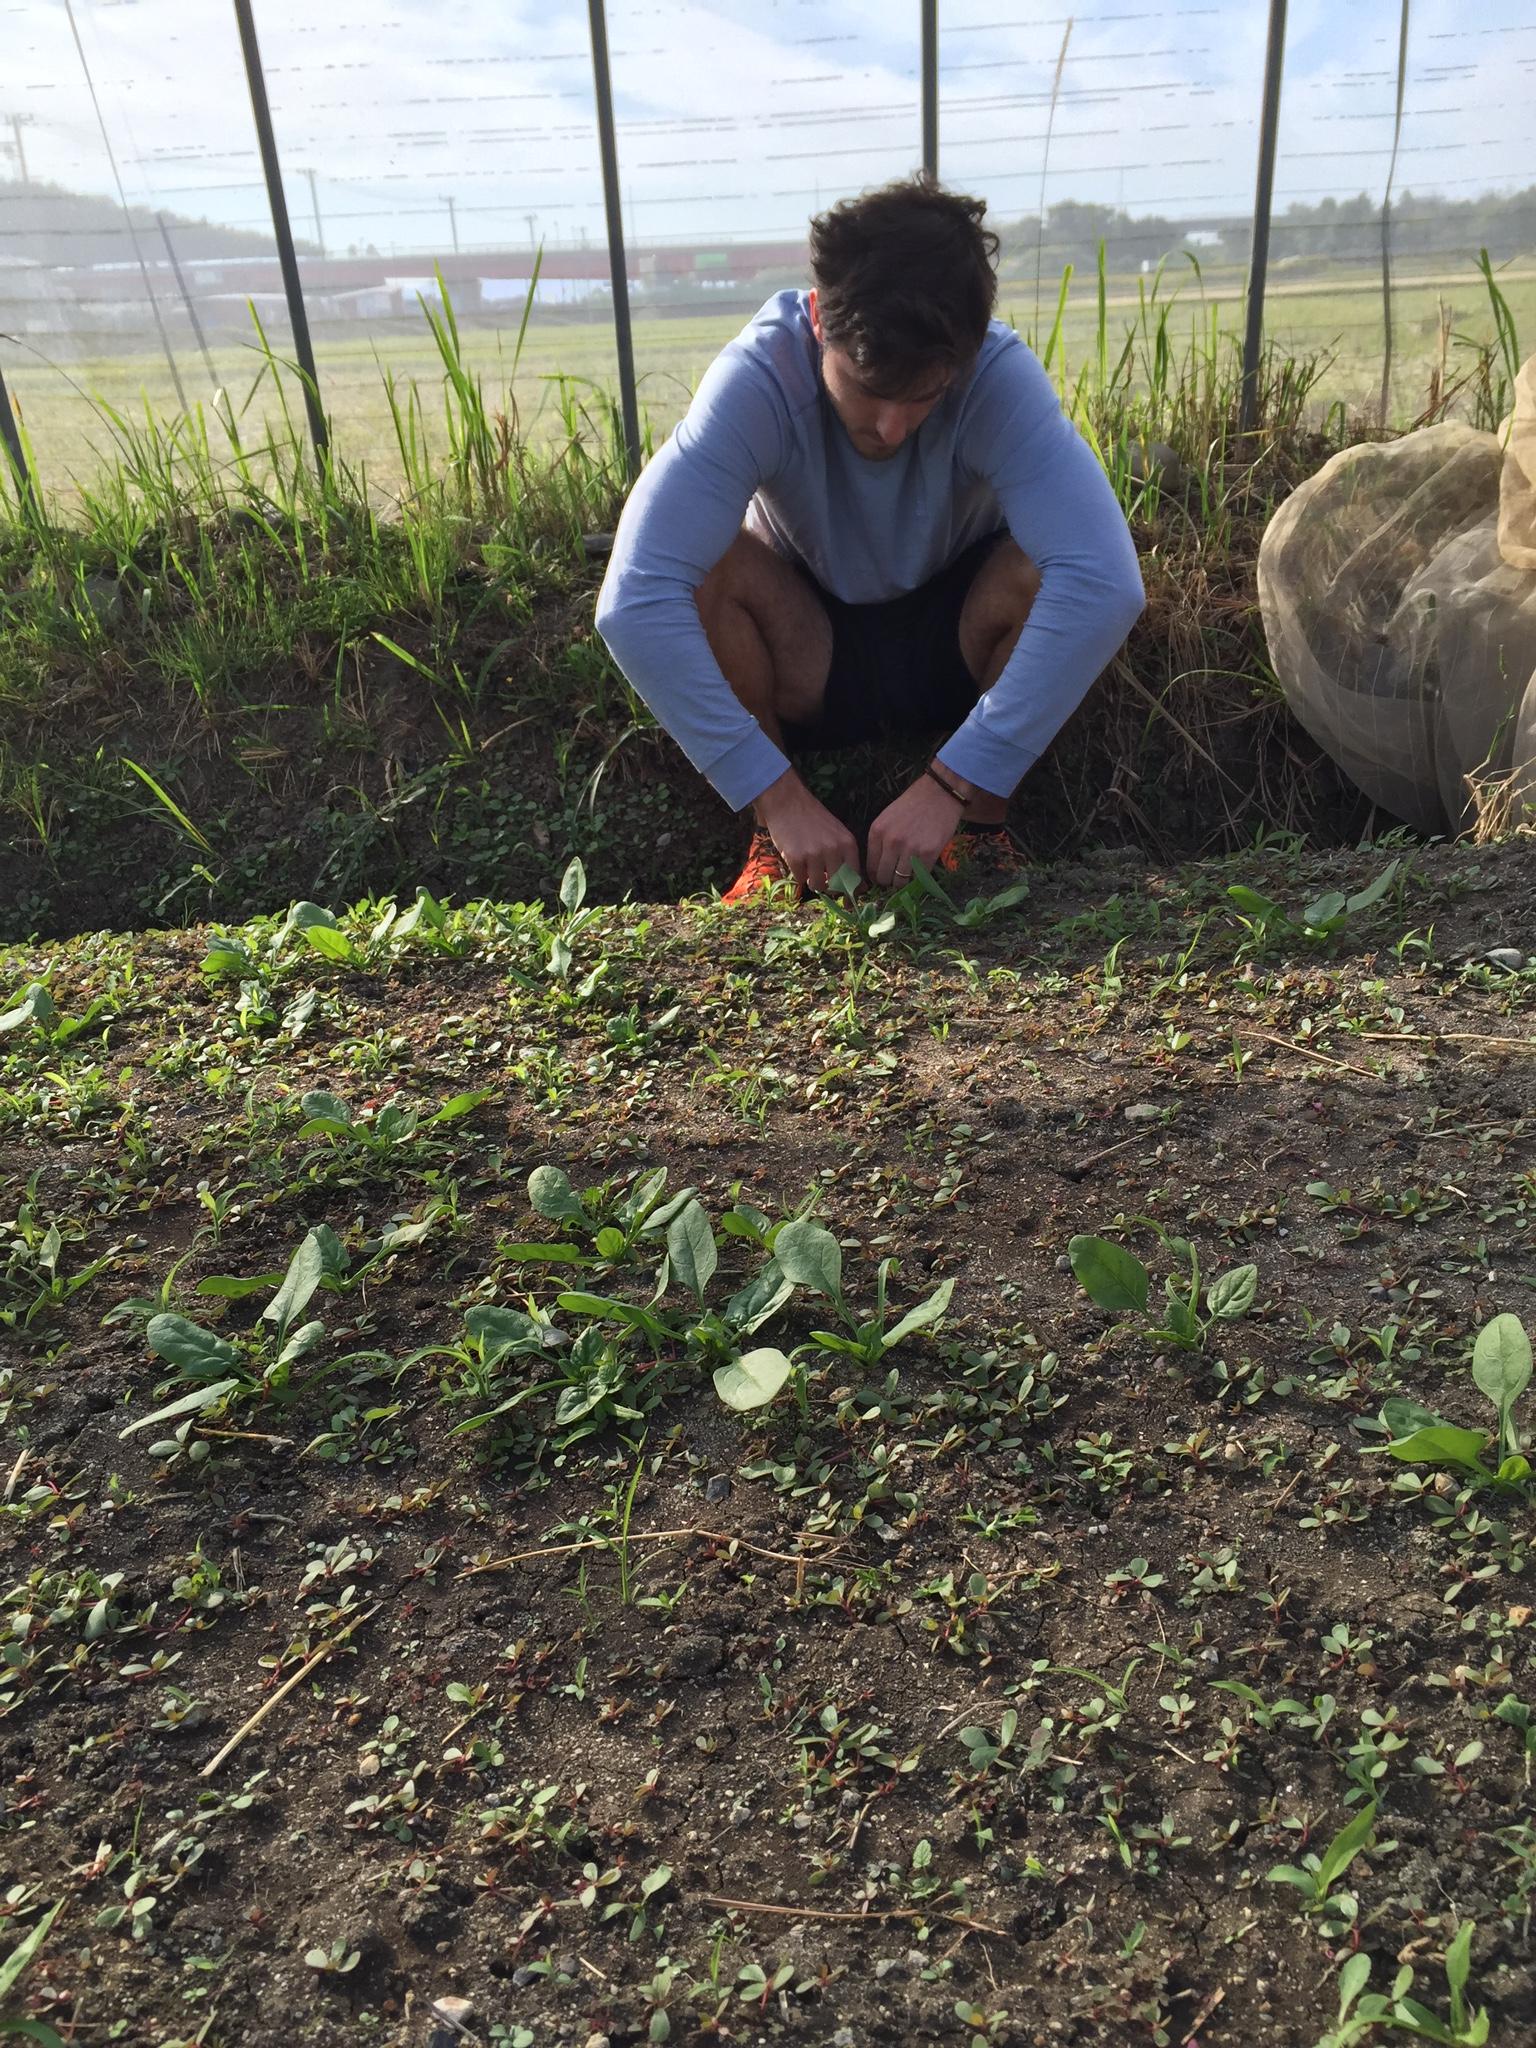 Cole weeds